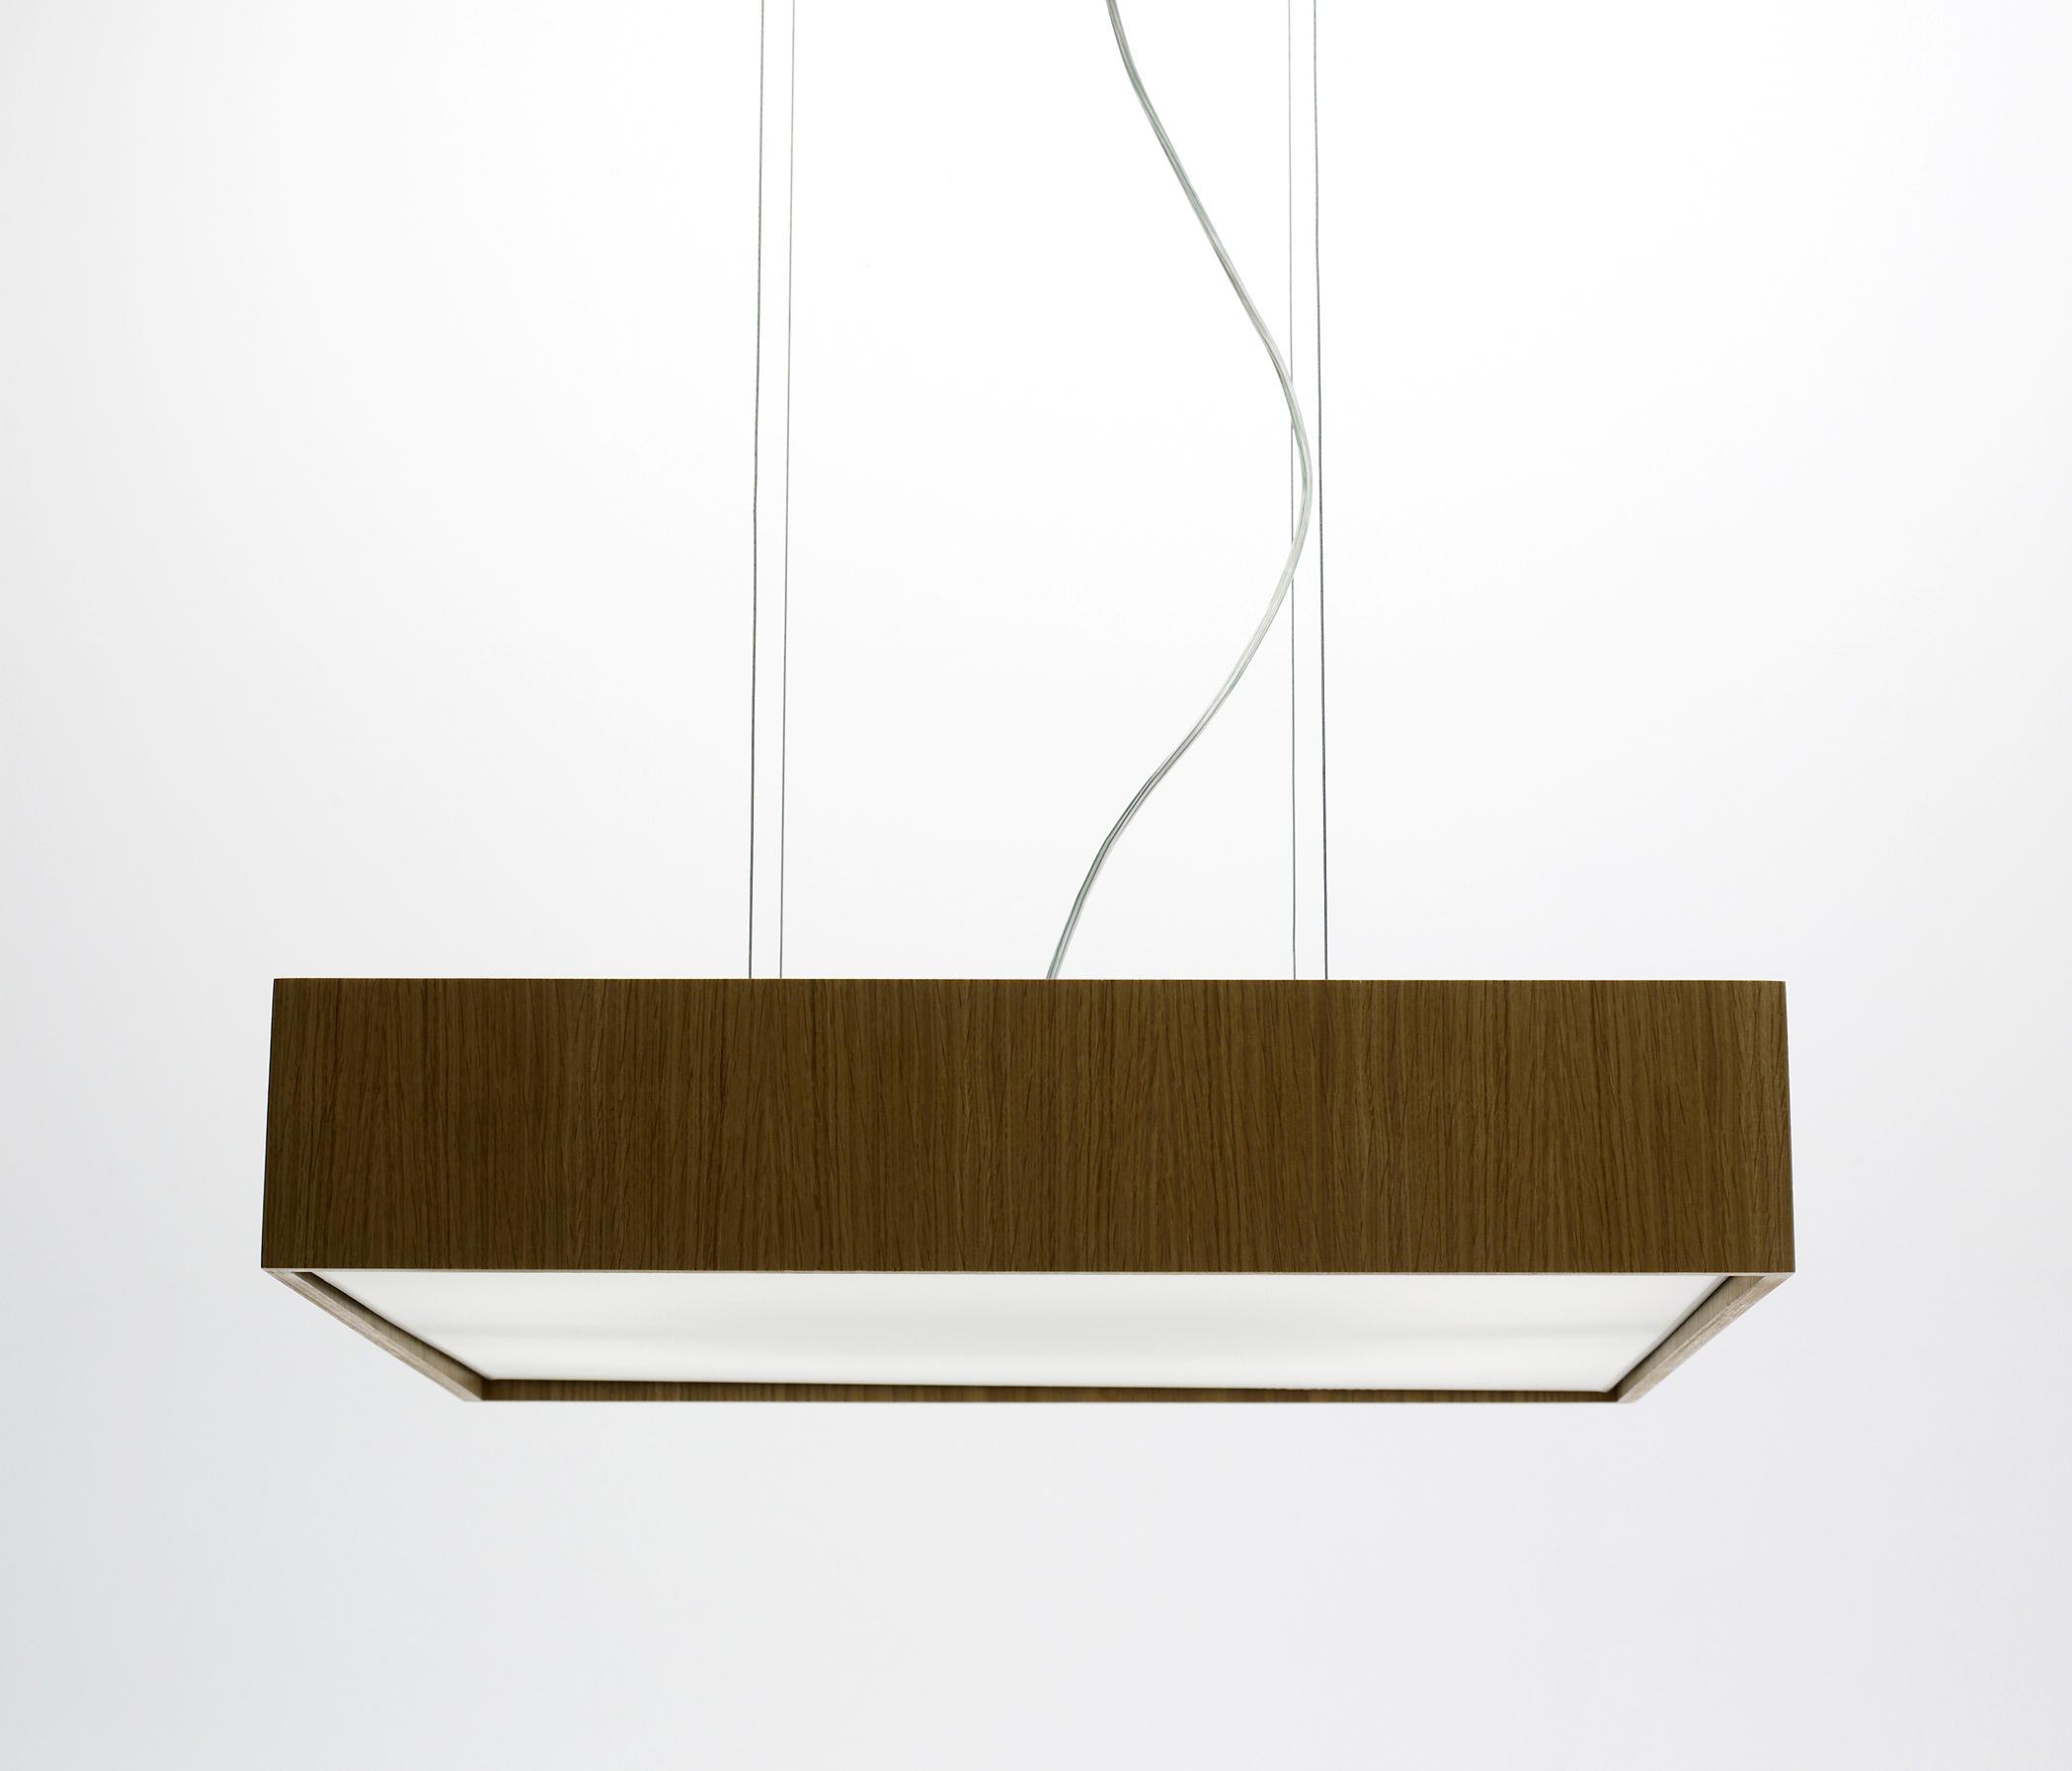 Quadrat S60x60 Lampe Suspension LED 4x12,4W - Bois roble